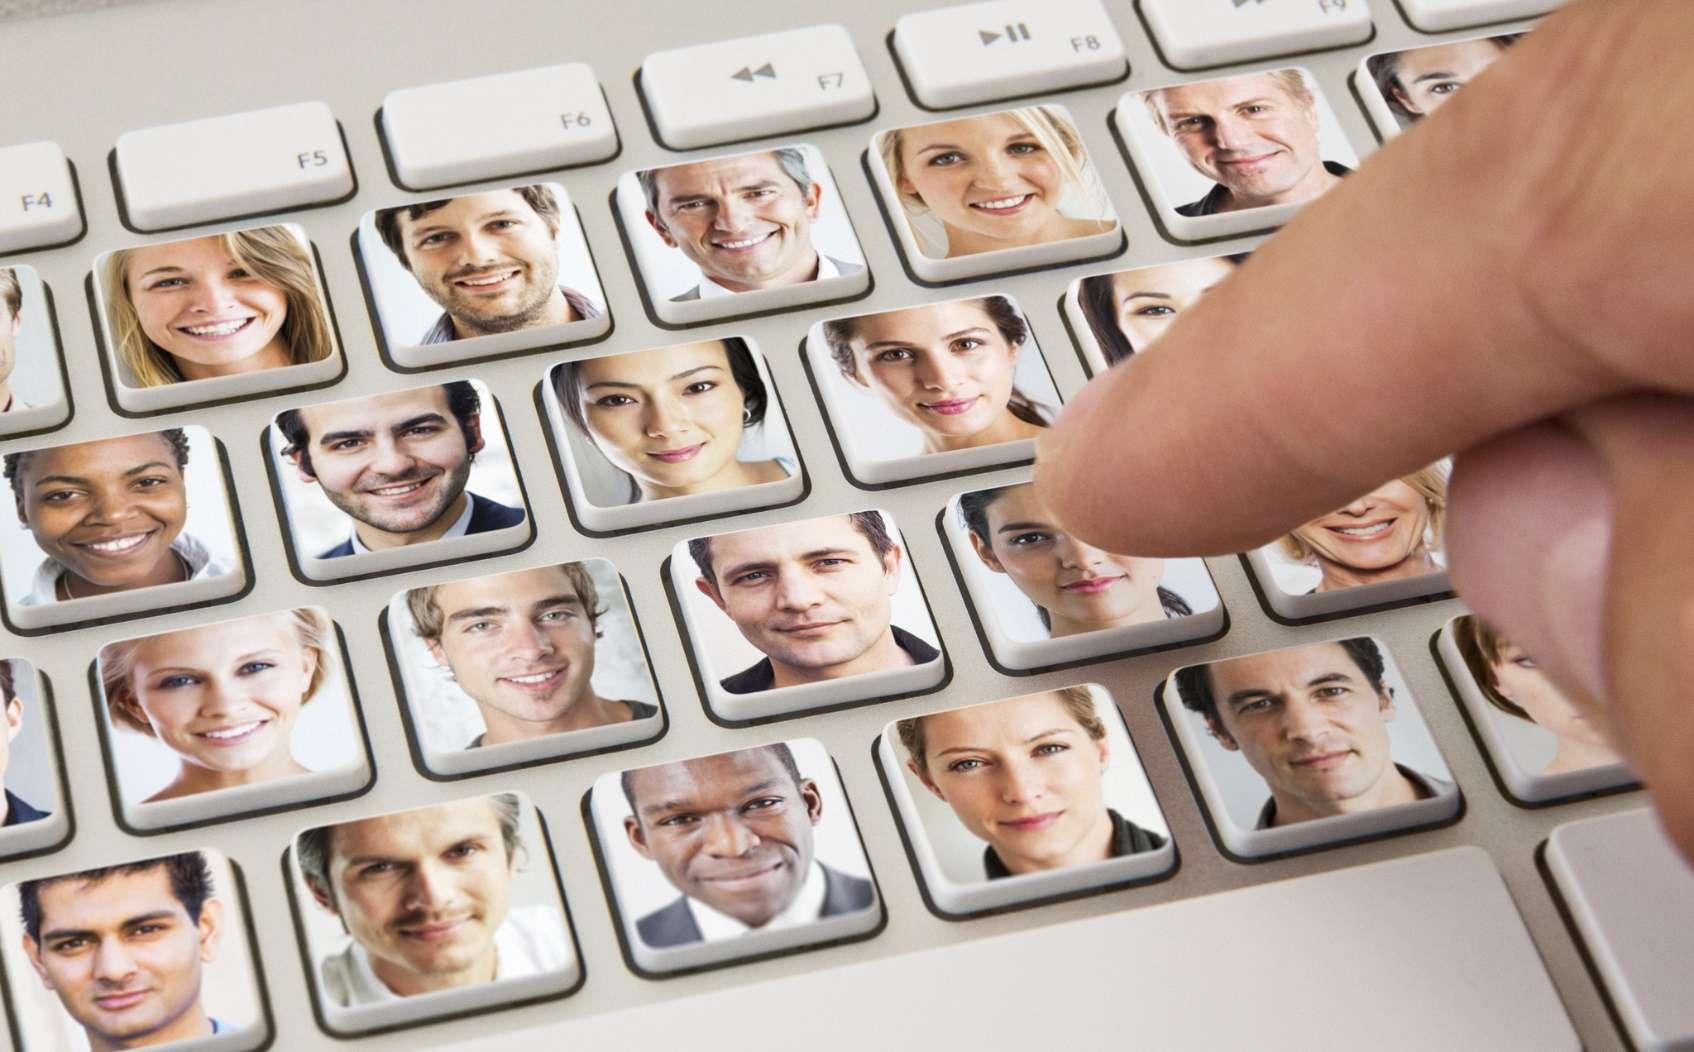 История Знакомства Через Интернет